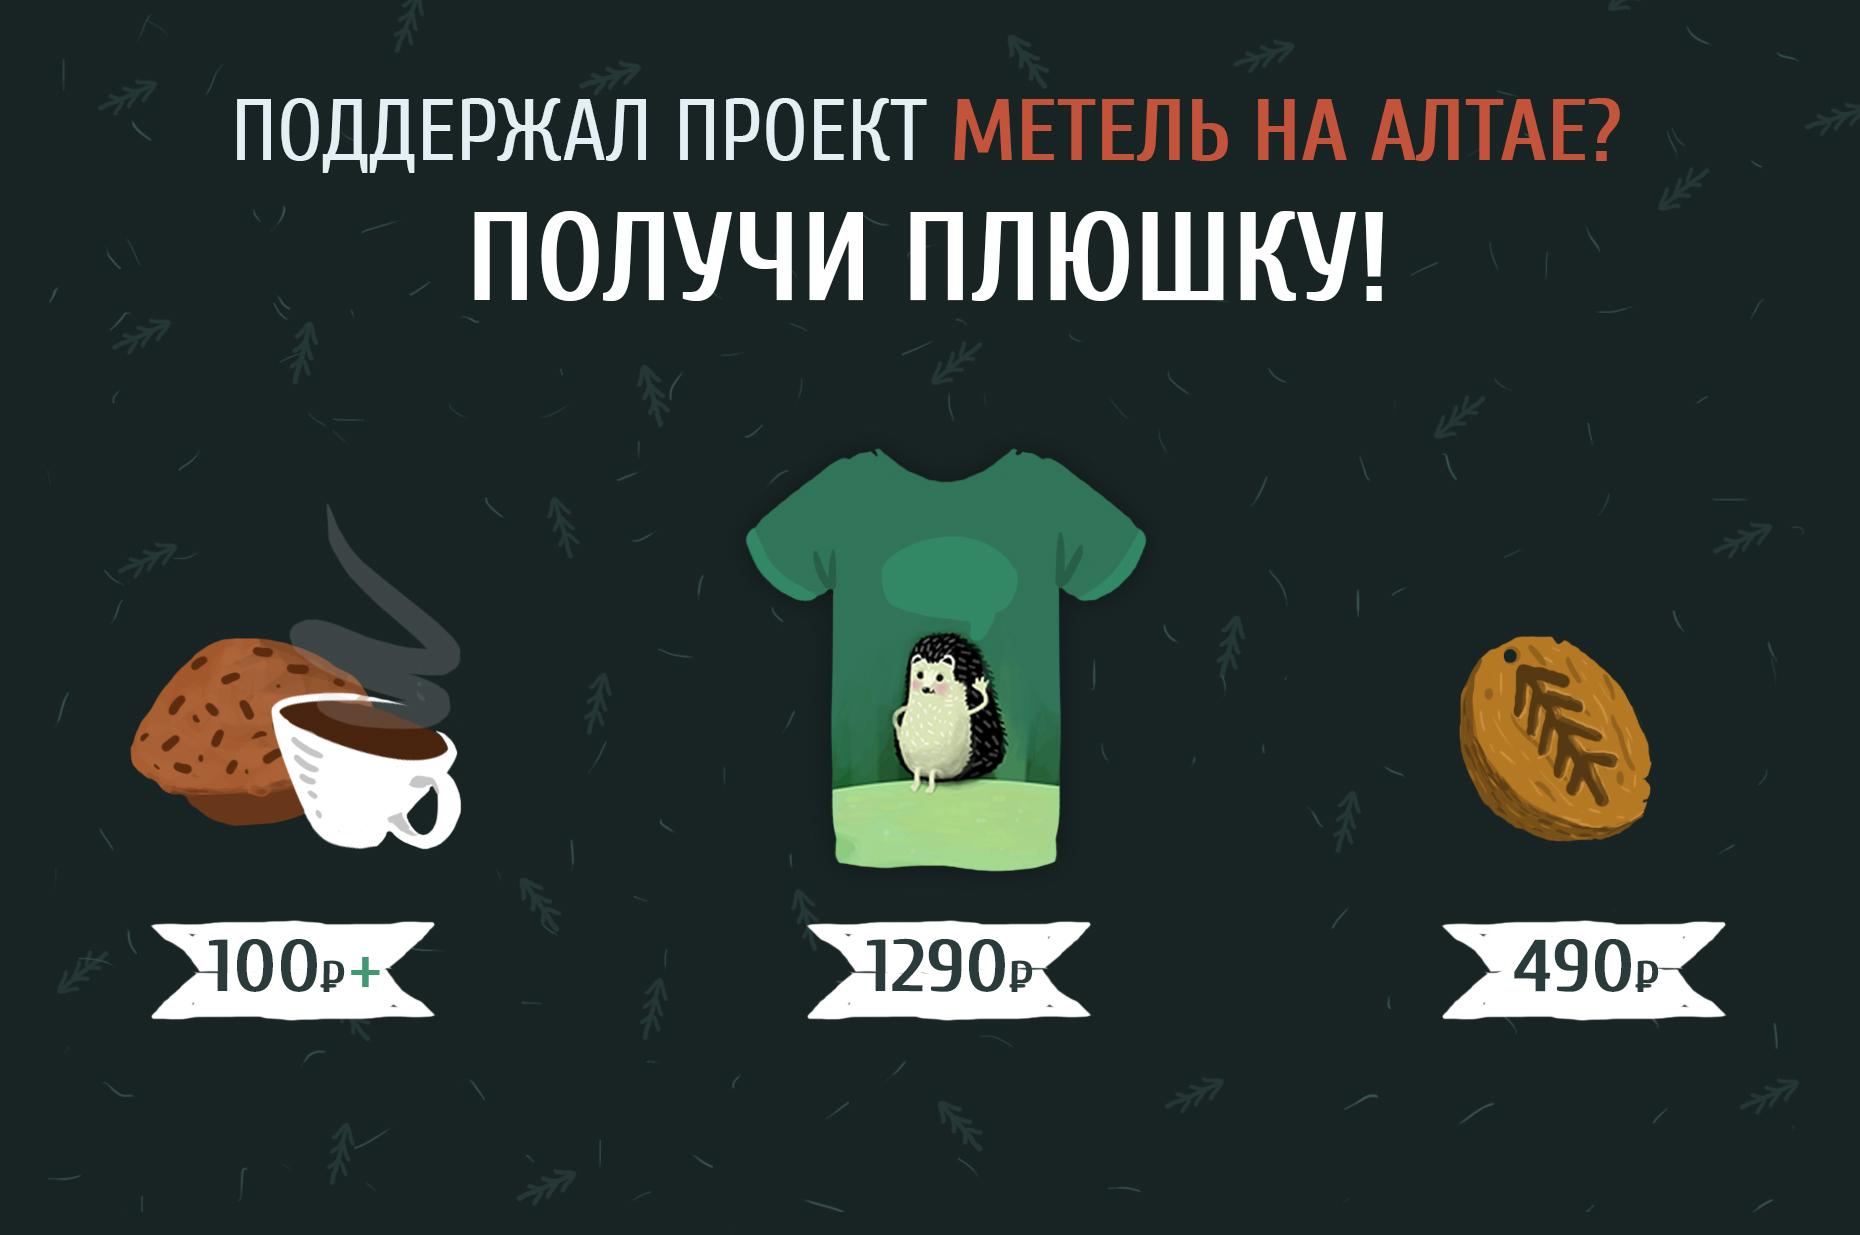 Андрей Метель